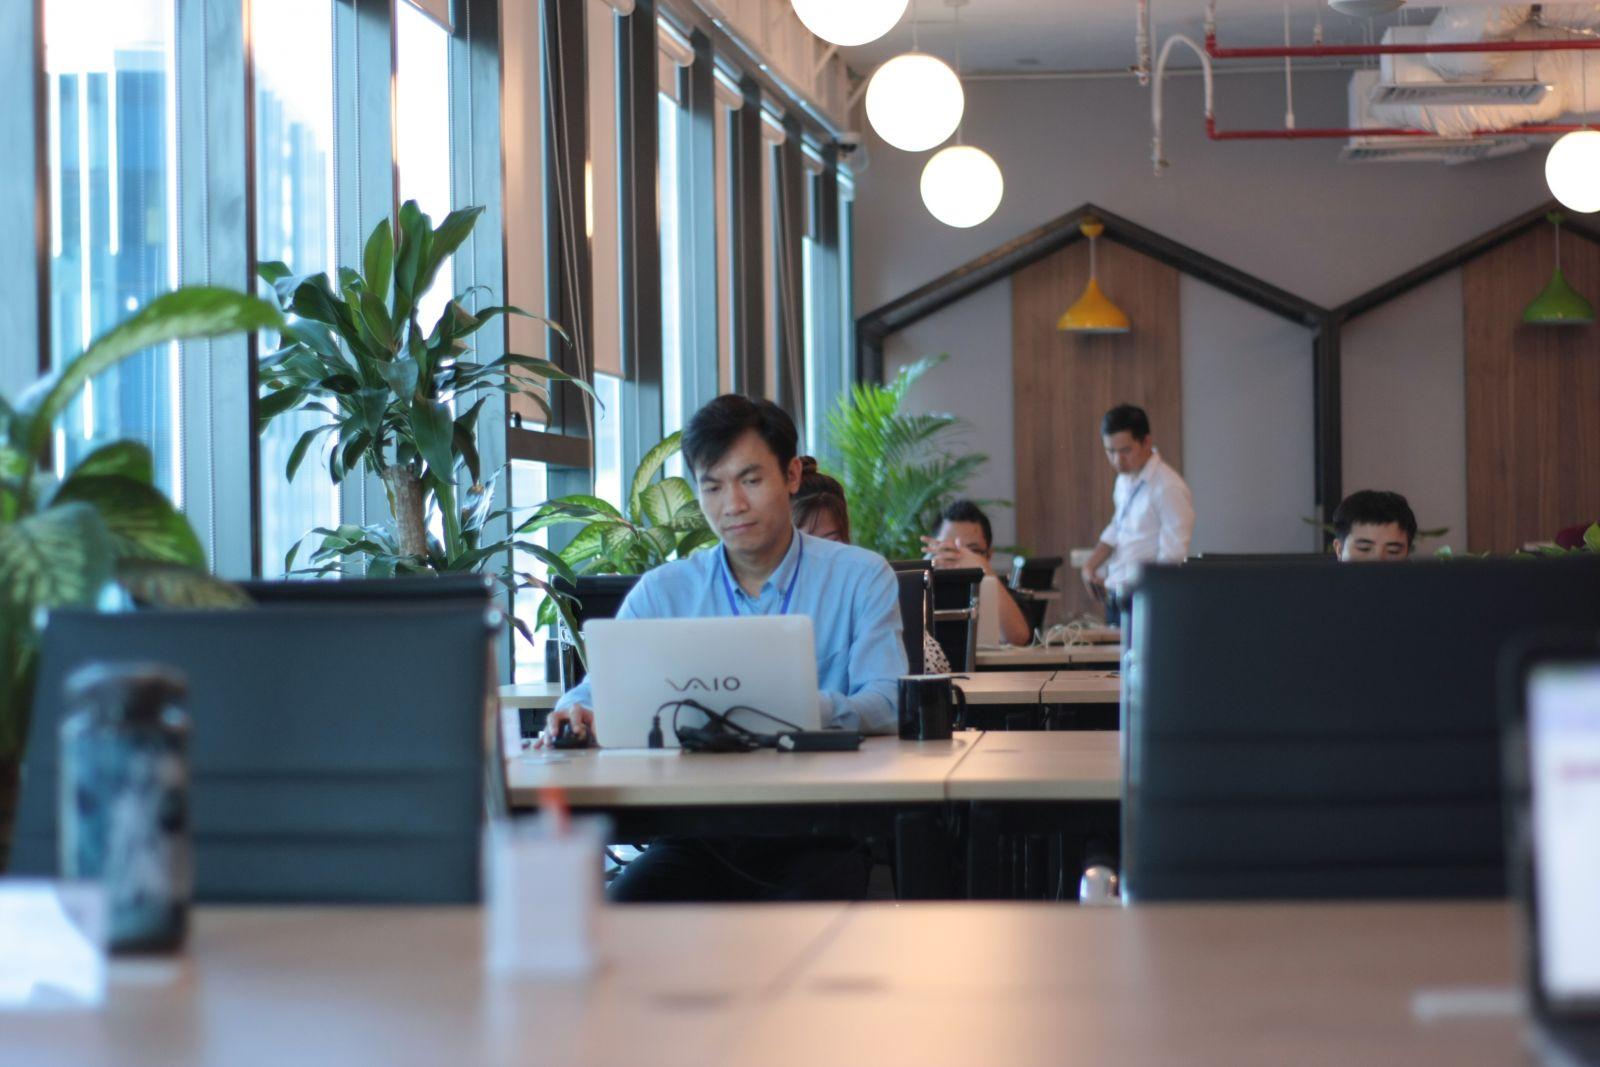 <p class='title-pro'>Cogo TNR Tower</p><div class='box_info_pro'><div class='title_inf_pro'><span>Chủ đầu tư</span>: Công ty cổ phần thương mại dịch vụ Cogo</div><div class='title_inf_pro'><span>Vai trò đảm nhận</span>: Tổng thầu Cơ điện</div><div class='title_inf_pro'><span>Địa điểm</span>: 54 Nguyễn Chí Thanh - Q. Đống Đa - Tp. Hà Nội</div><div class='title_inf_pro'><span>Thời gian hoàn thành</span>: </div><p class='box-work'><span>Hạng mục công việc</span>: </p></div>